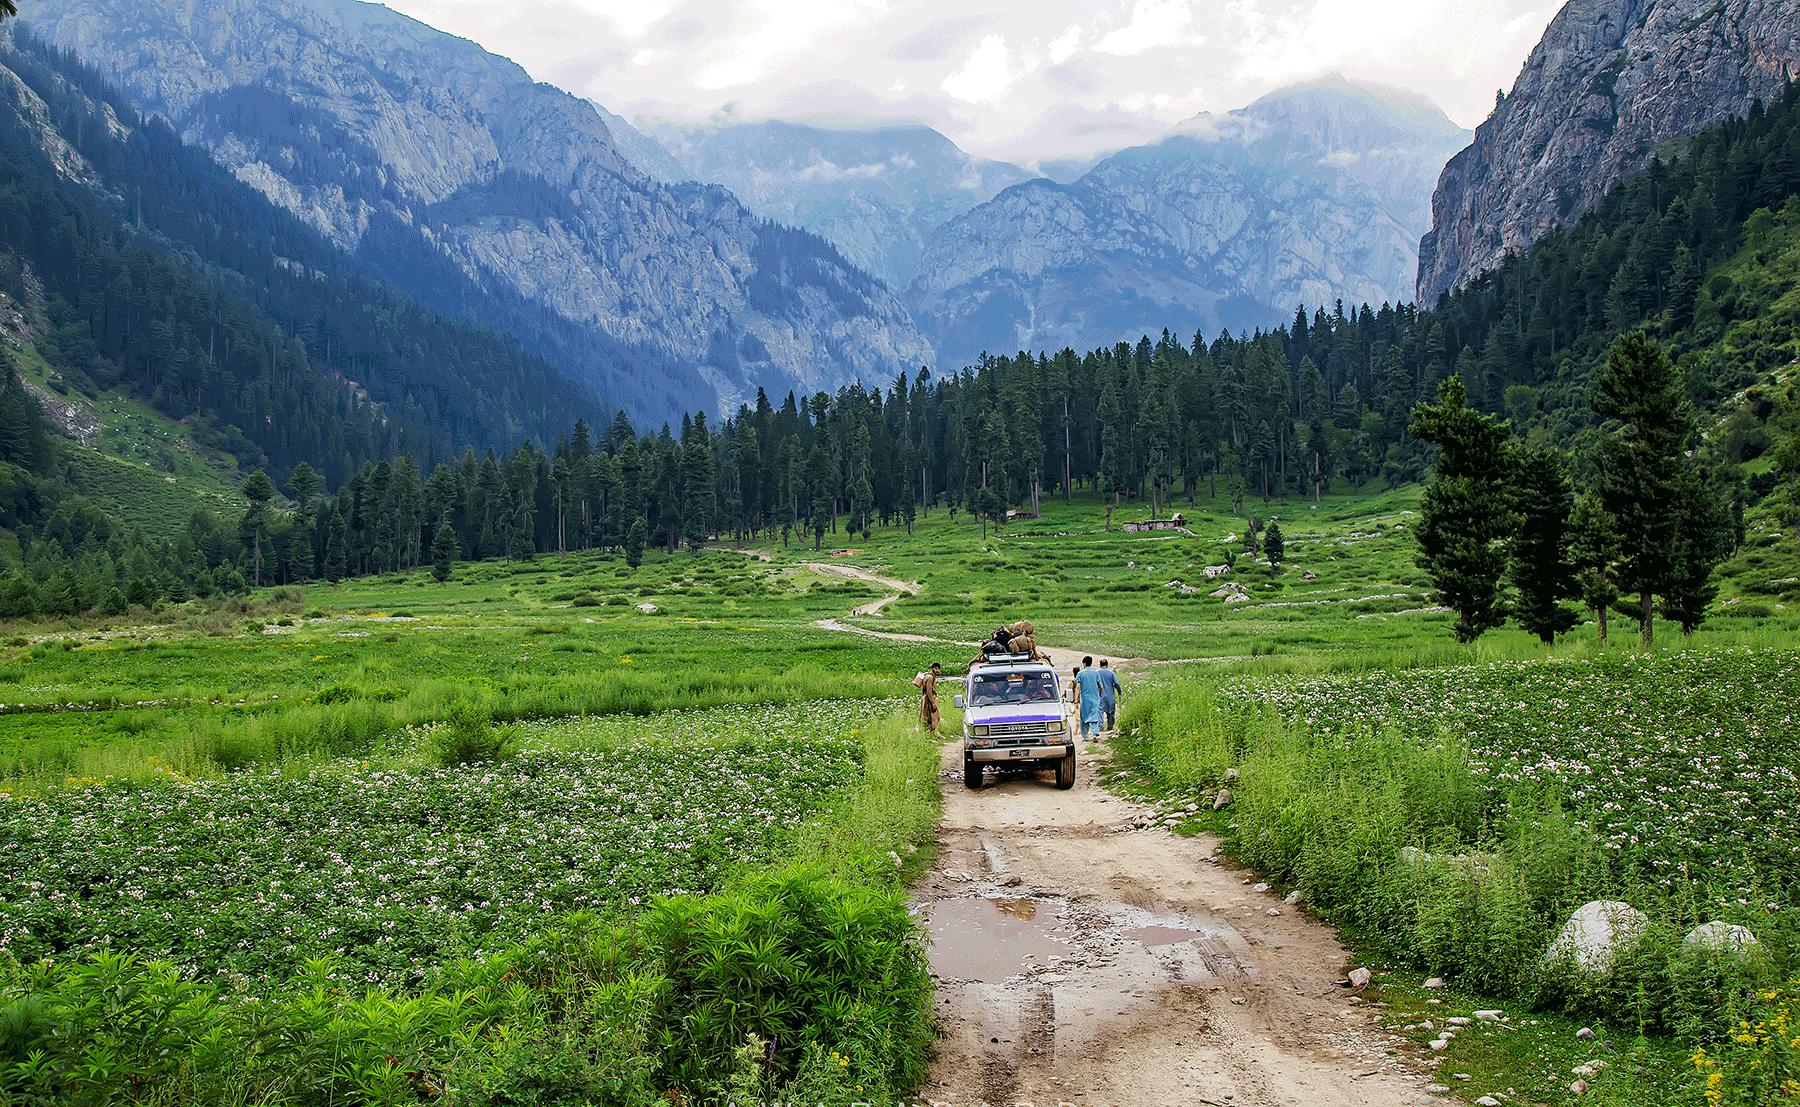 اب جنگل ختم ہو رہا تھا۔ آگے نہایت ہی وسیع میدان تھا جس کی ایک جانب جیپ ٹریک تھا اور دوسری جانب دریا—عظمت اکبر